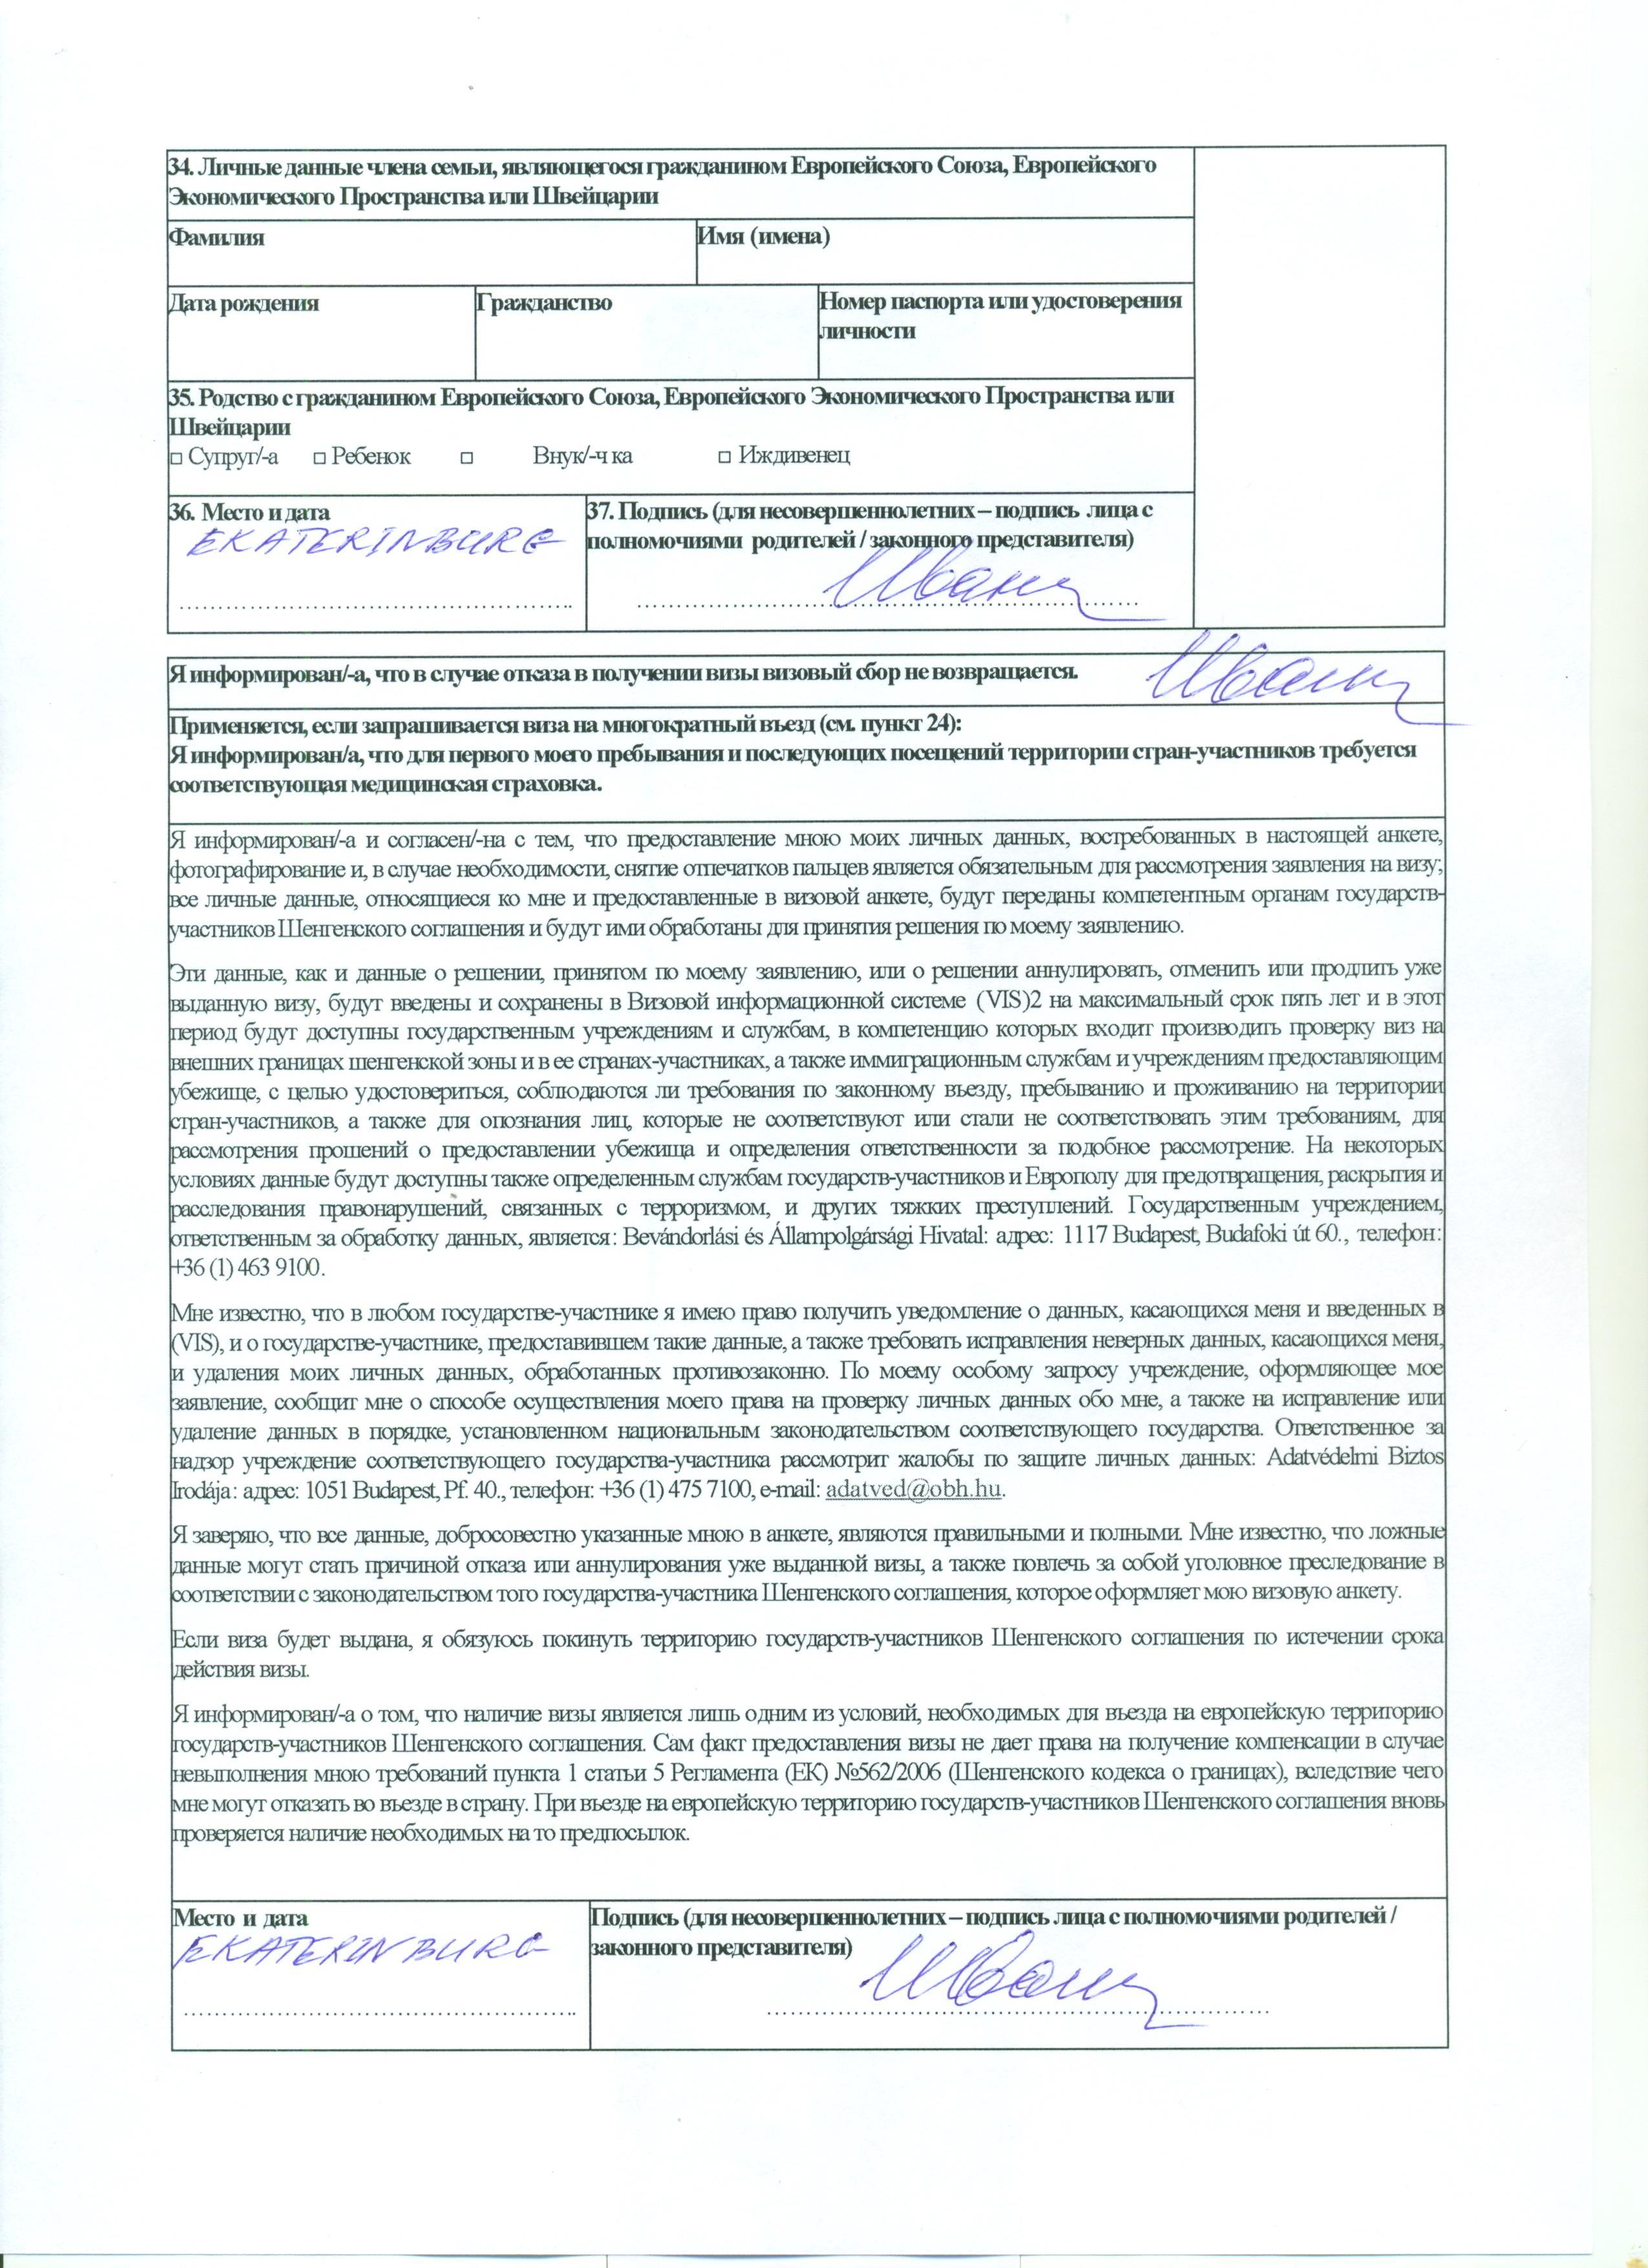 Заявление о смене ген директора форма 14001 образец заполнения - 6